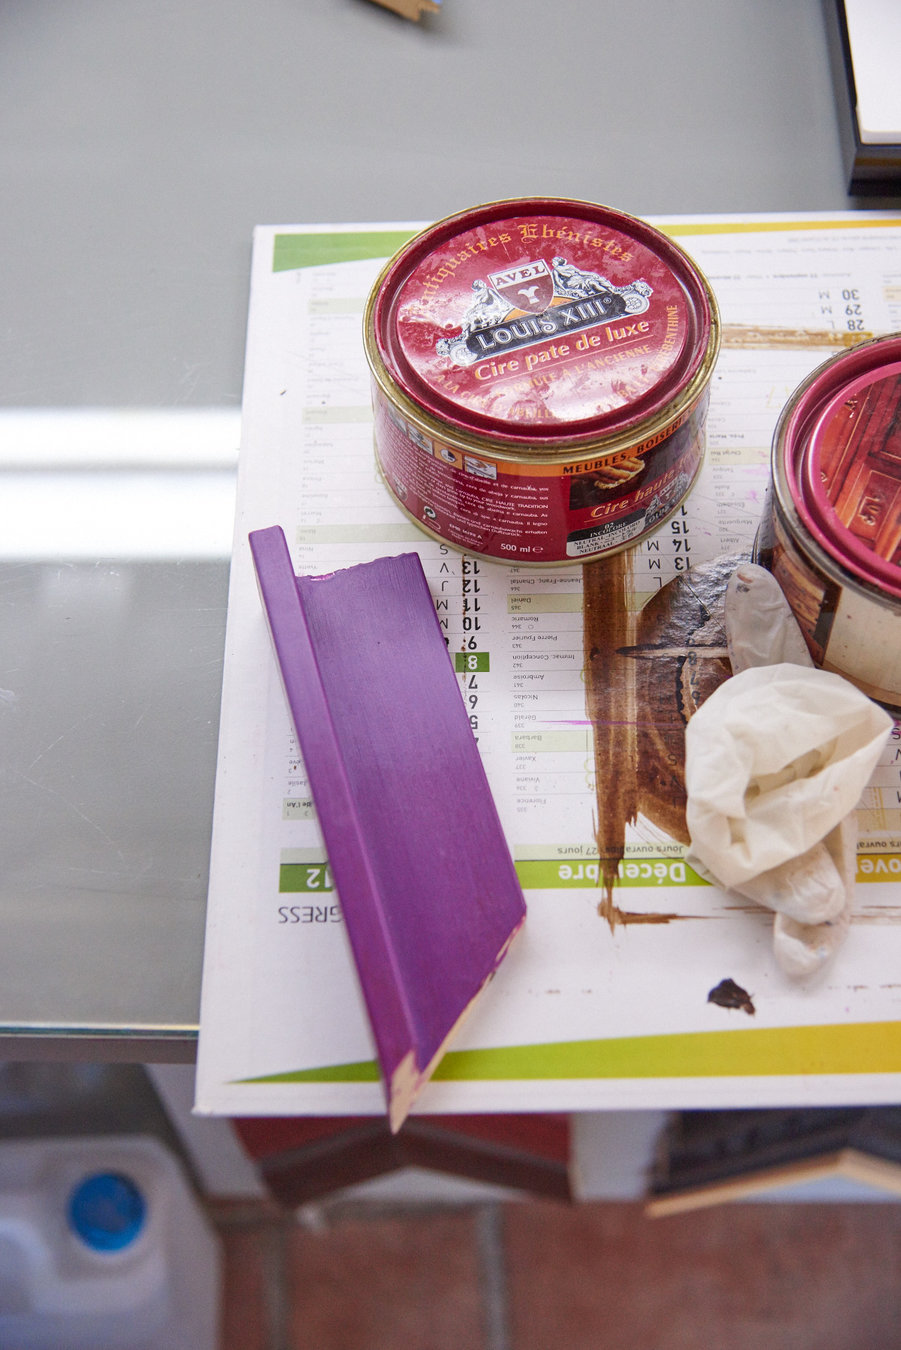 patine recherche couleur sur cadre en caisse américaine par Les Baguettes Magiques, Virginie Breton encadreur à Lyon